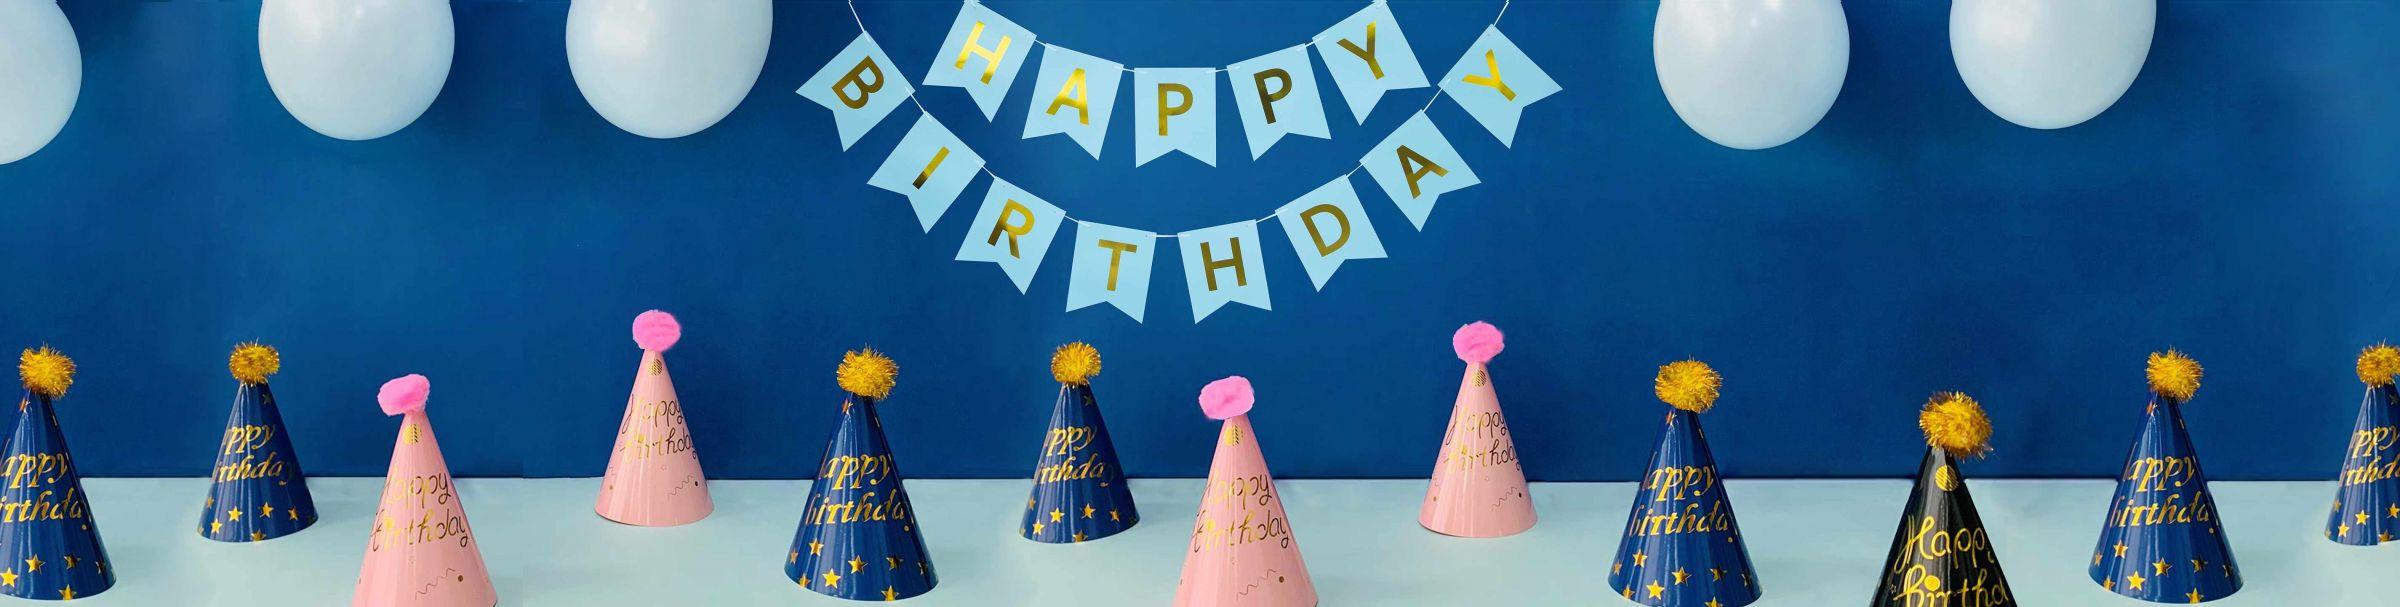 Tiệc sinh nhật Mũ x Banner tiệc sinh nhật Tổ chức một bữa tiệc vui vẻ